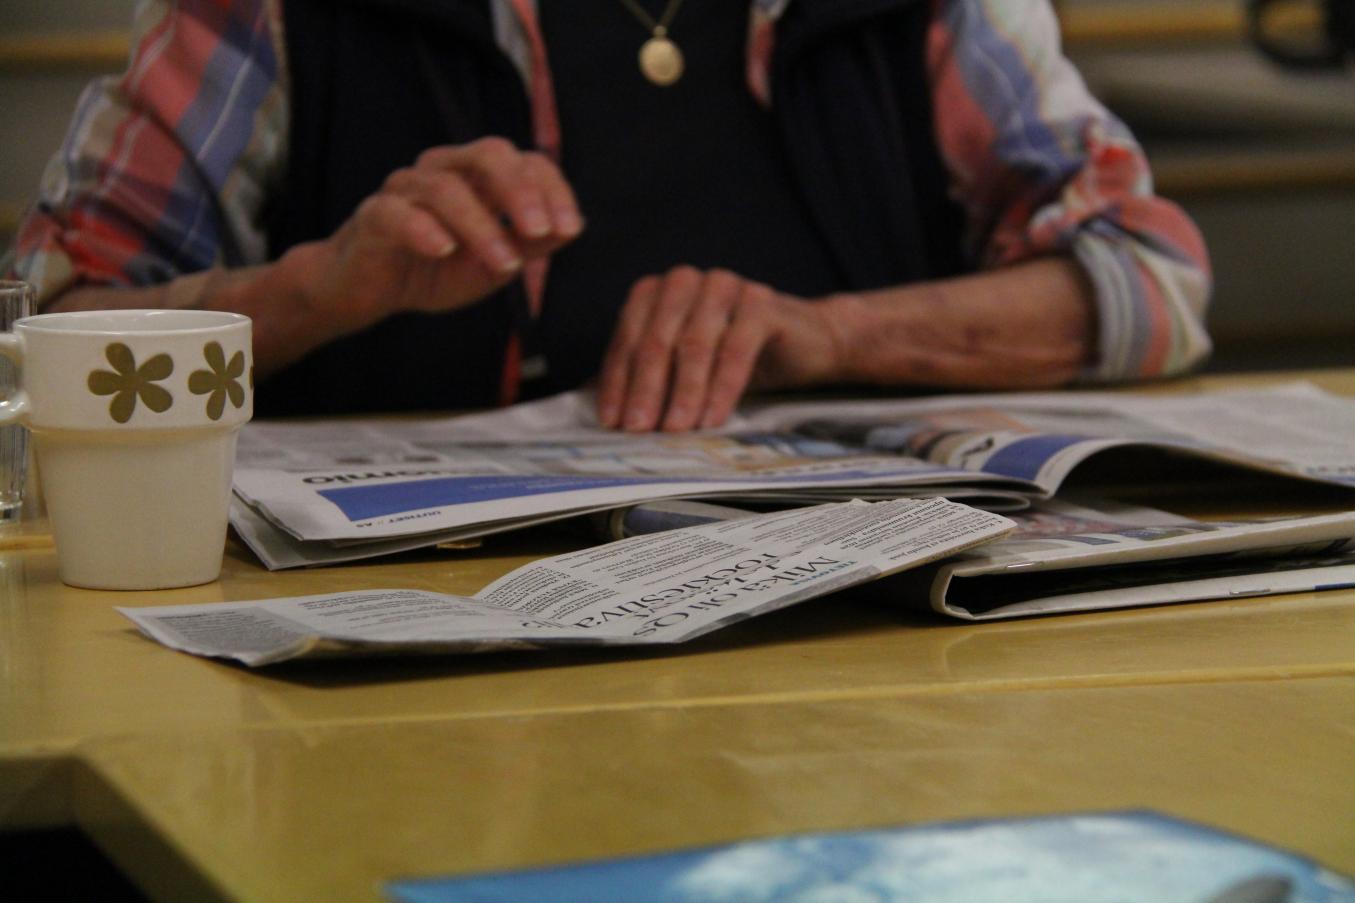 Nainen lukee sanomalehtiä pöydän ääressä, pöydällä lisäksi useita muita lehtiä ja kahvikuppi.